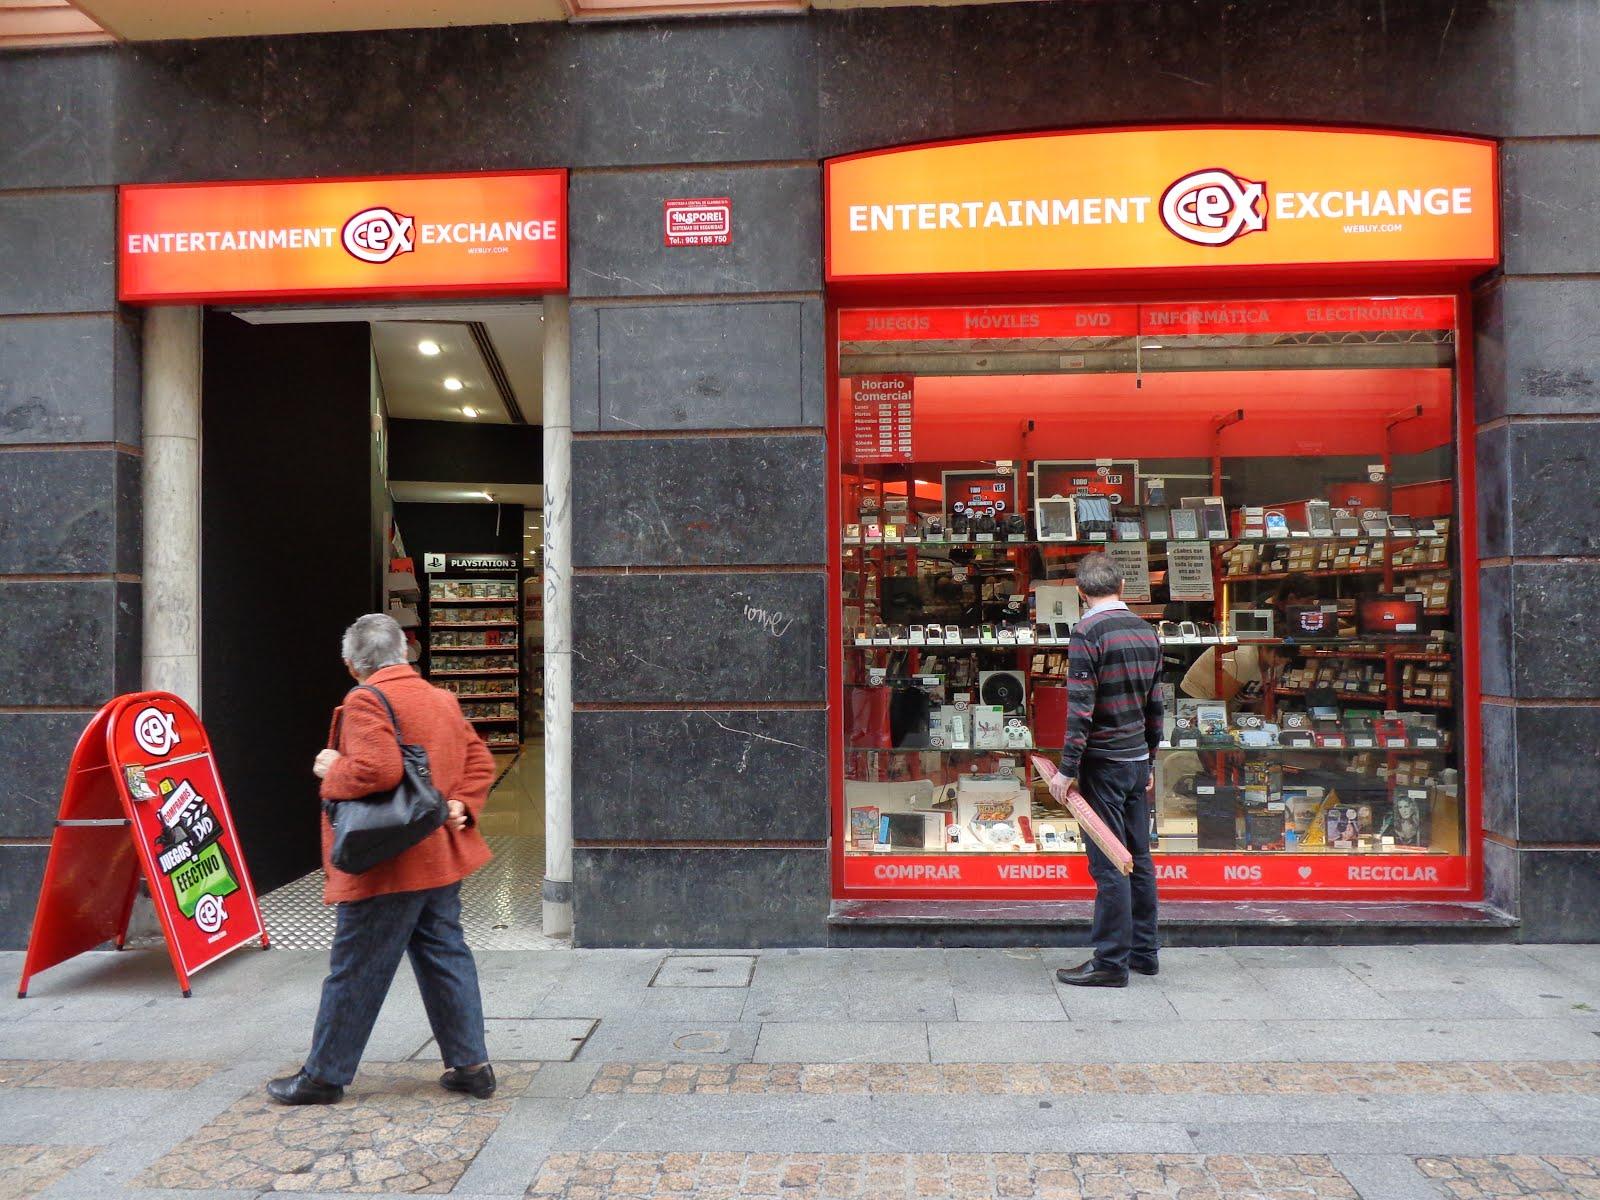 Nueva tienda en bilbao - Temperatura actual bilbao ...